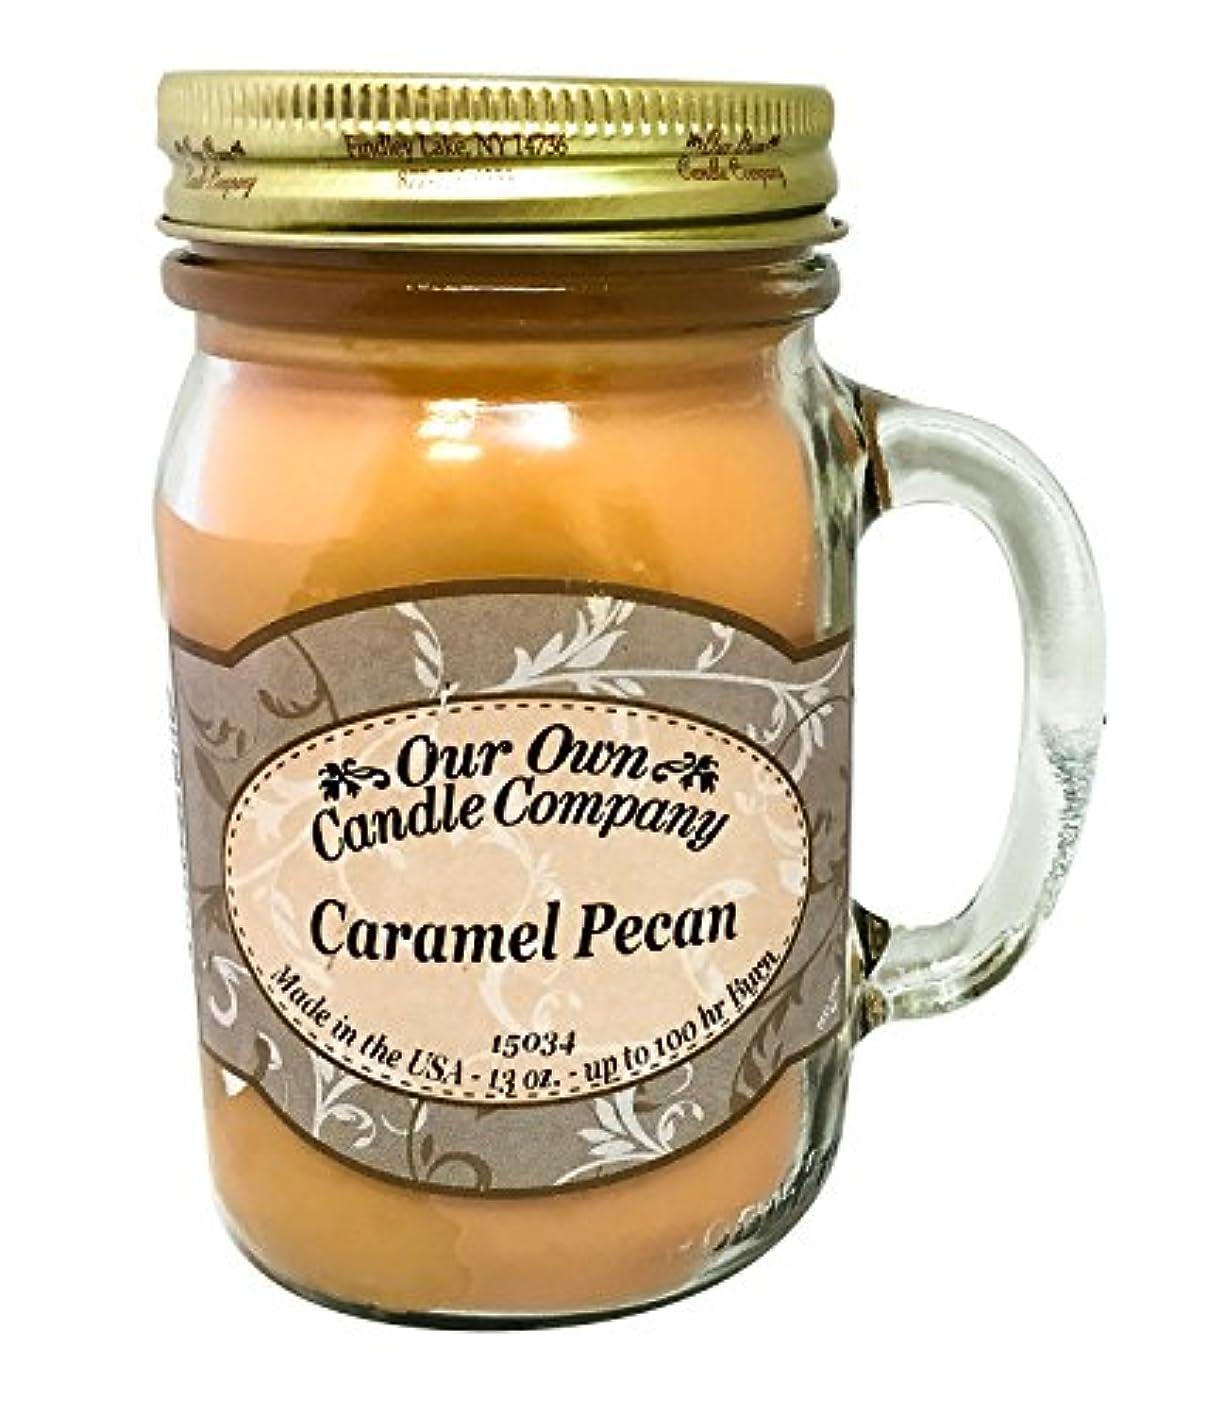 コールド肌垂直アロマキャンドル メイソンジャー キャラメルピーカン ビッグ Our Own Candle Company Caramel Pecan big